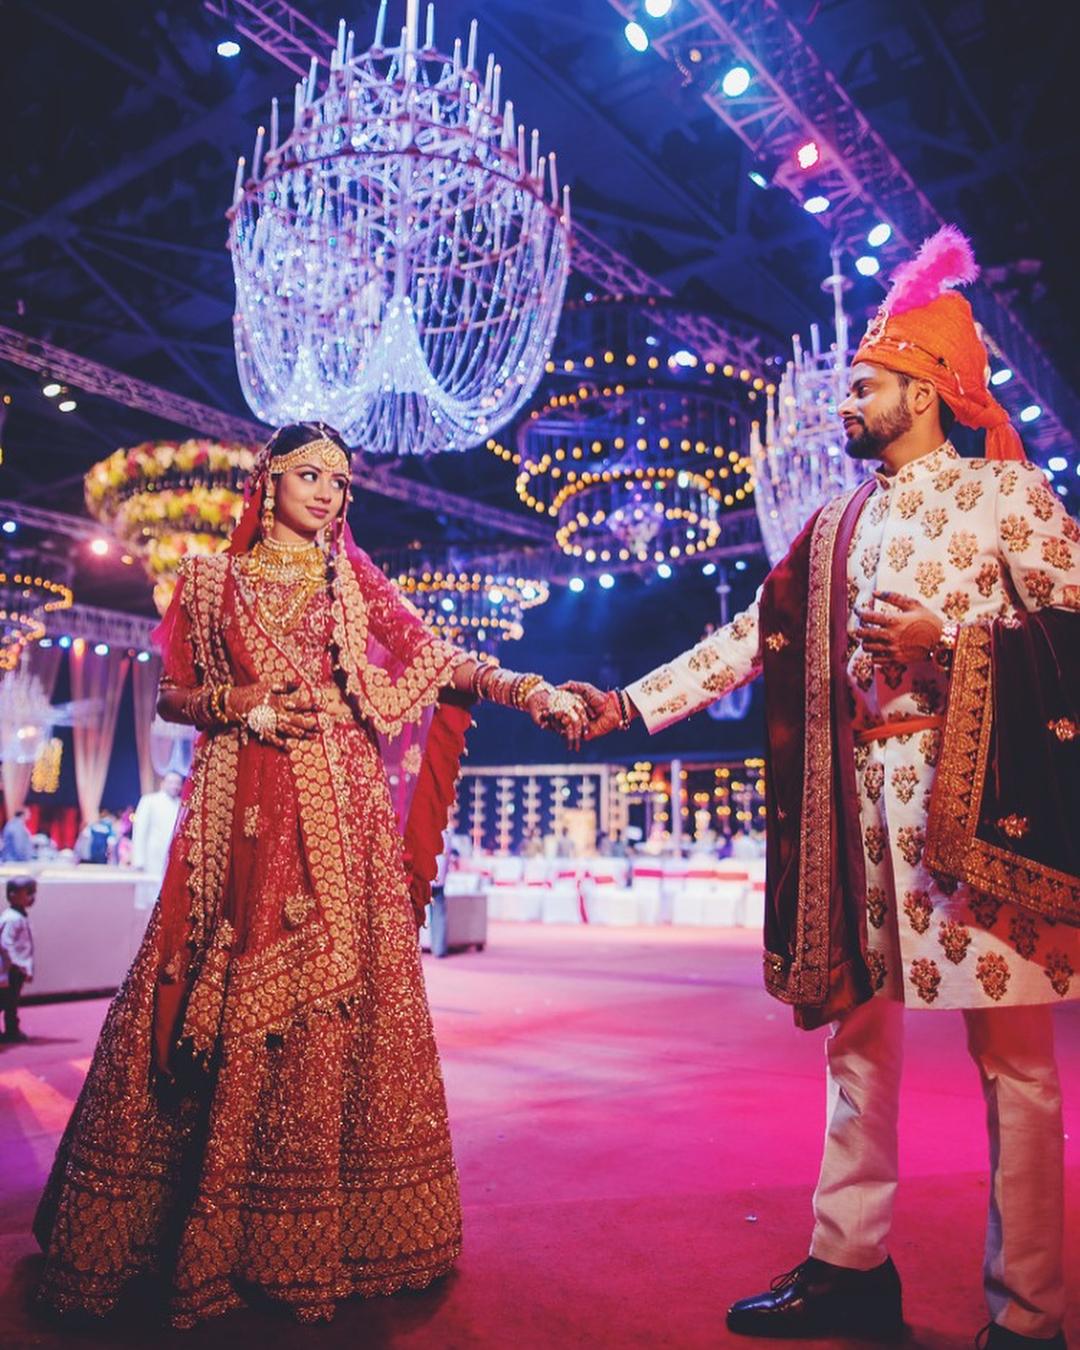 chandelier decor, chandelier decor ideas, unique chandelier decor ideas, candle chandelier decor, chandelier decor for weddings